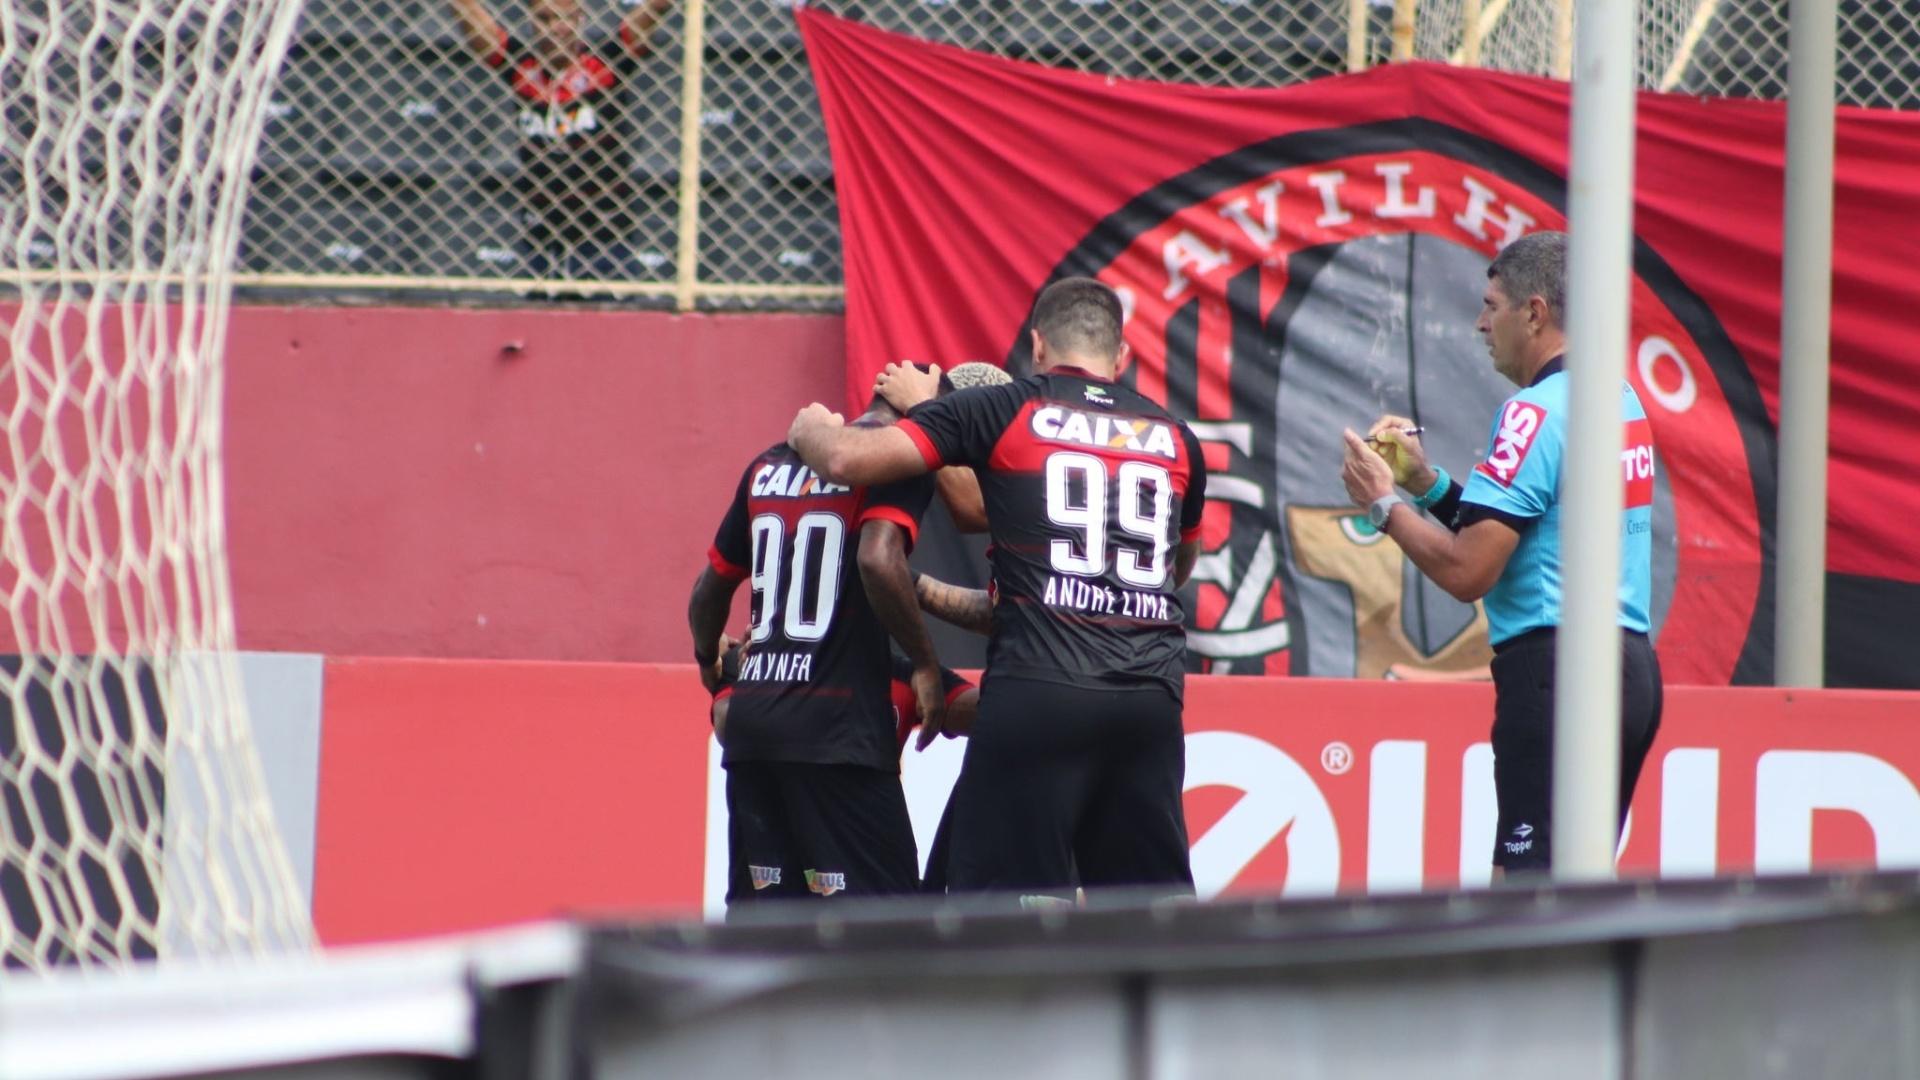 Rhayner e André Lima comemoram gol do Vitória contra o Ceará